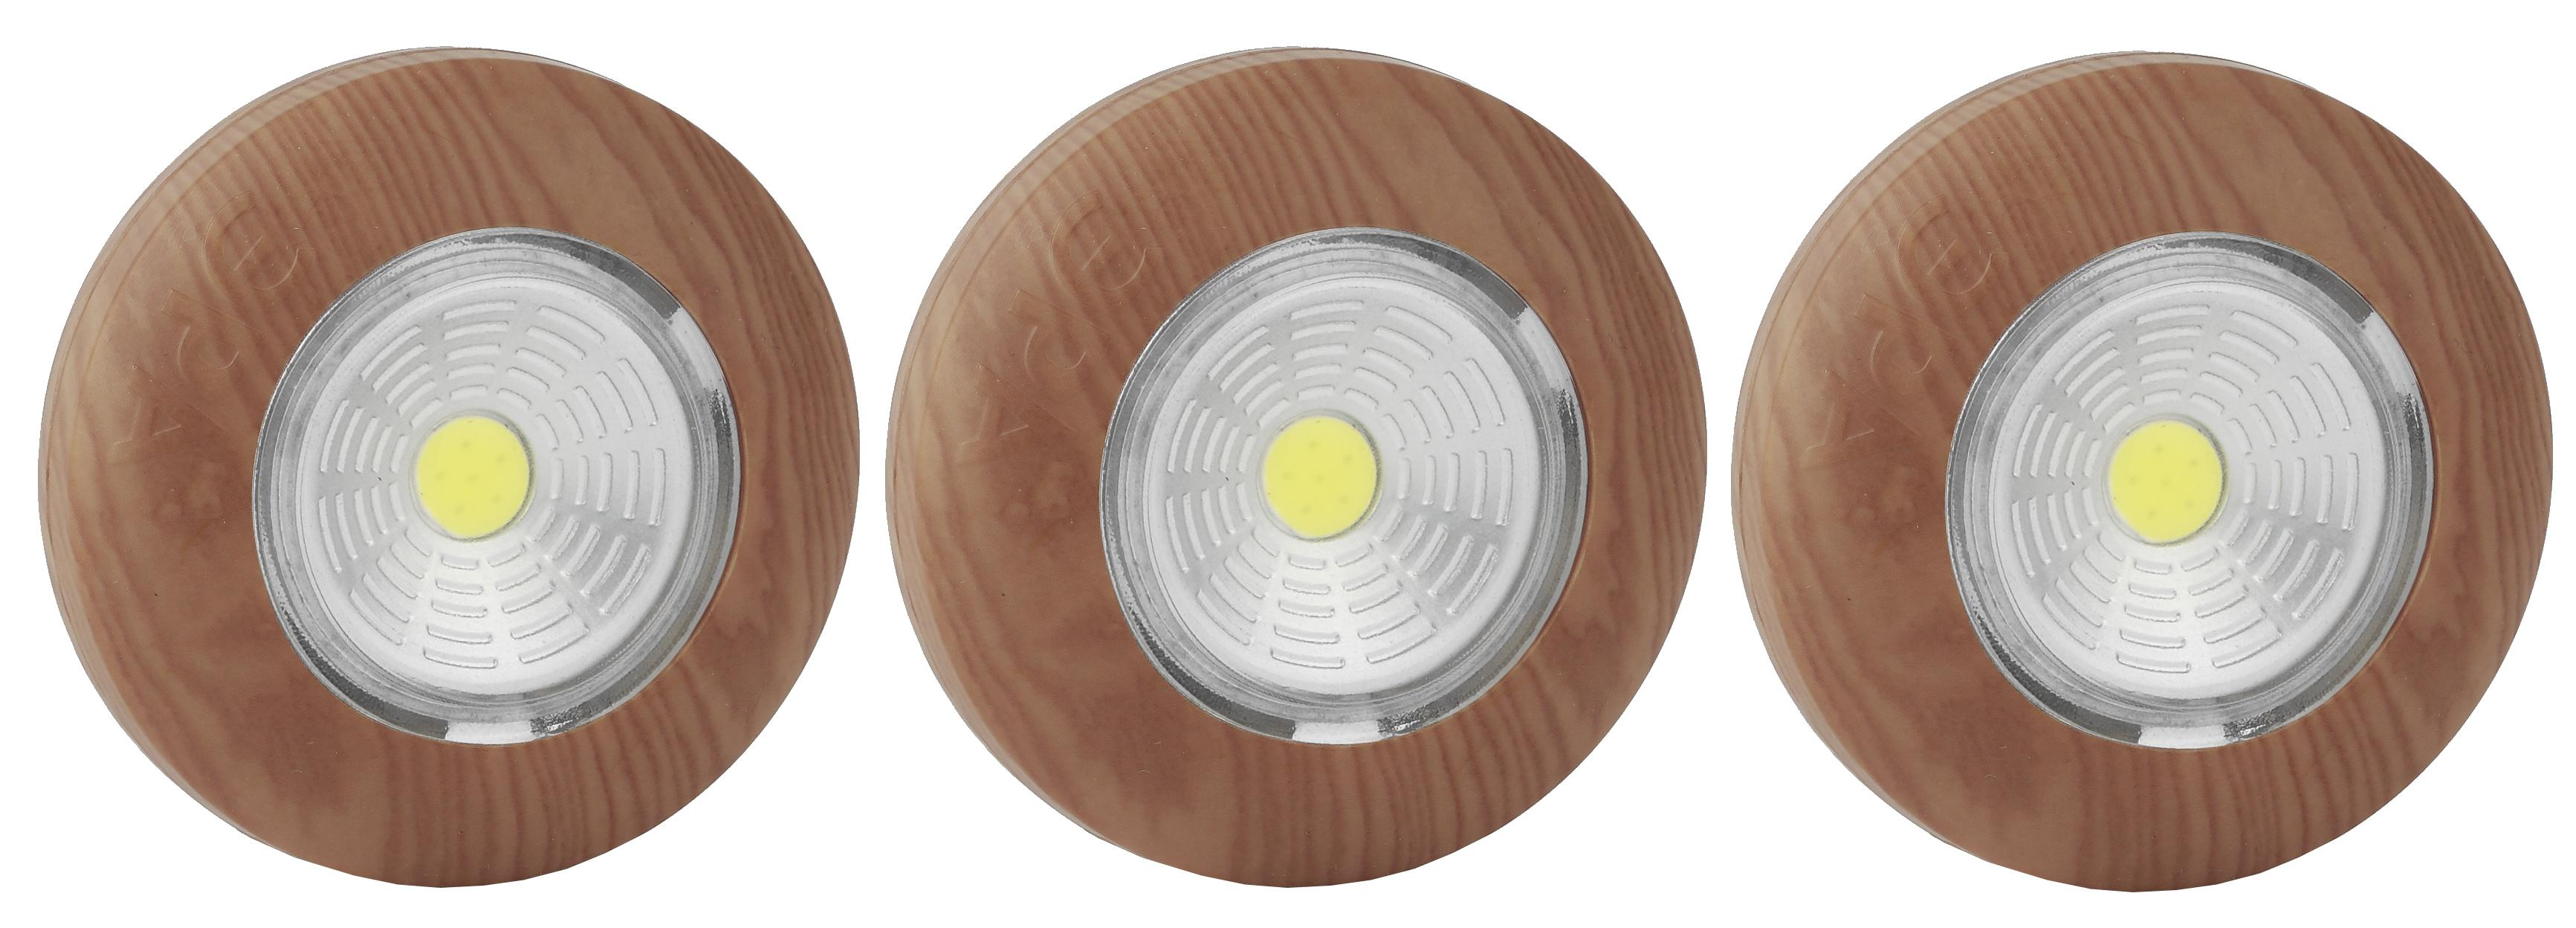 Фонарь ЭРА Sb-506 фонарь брелок эра 1xled с лазерной указкой